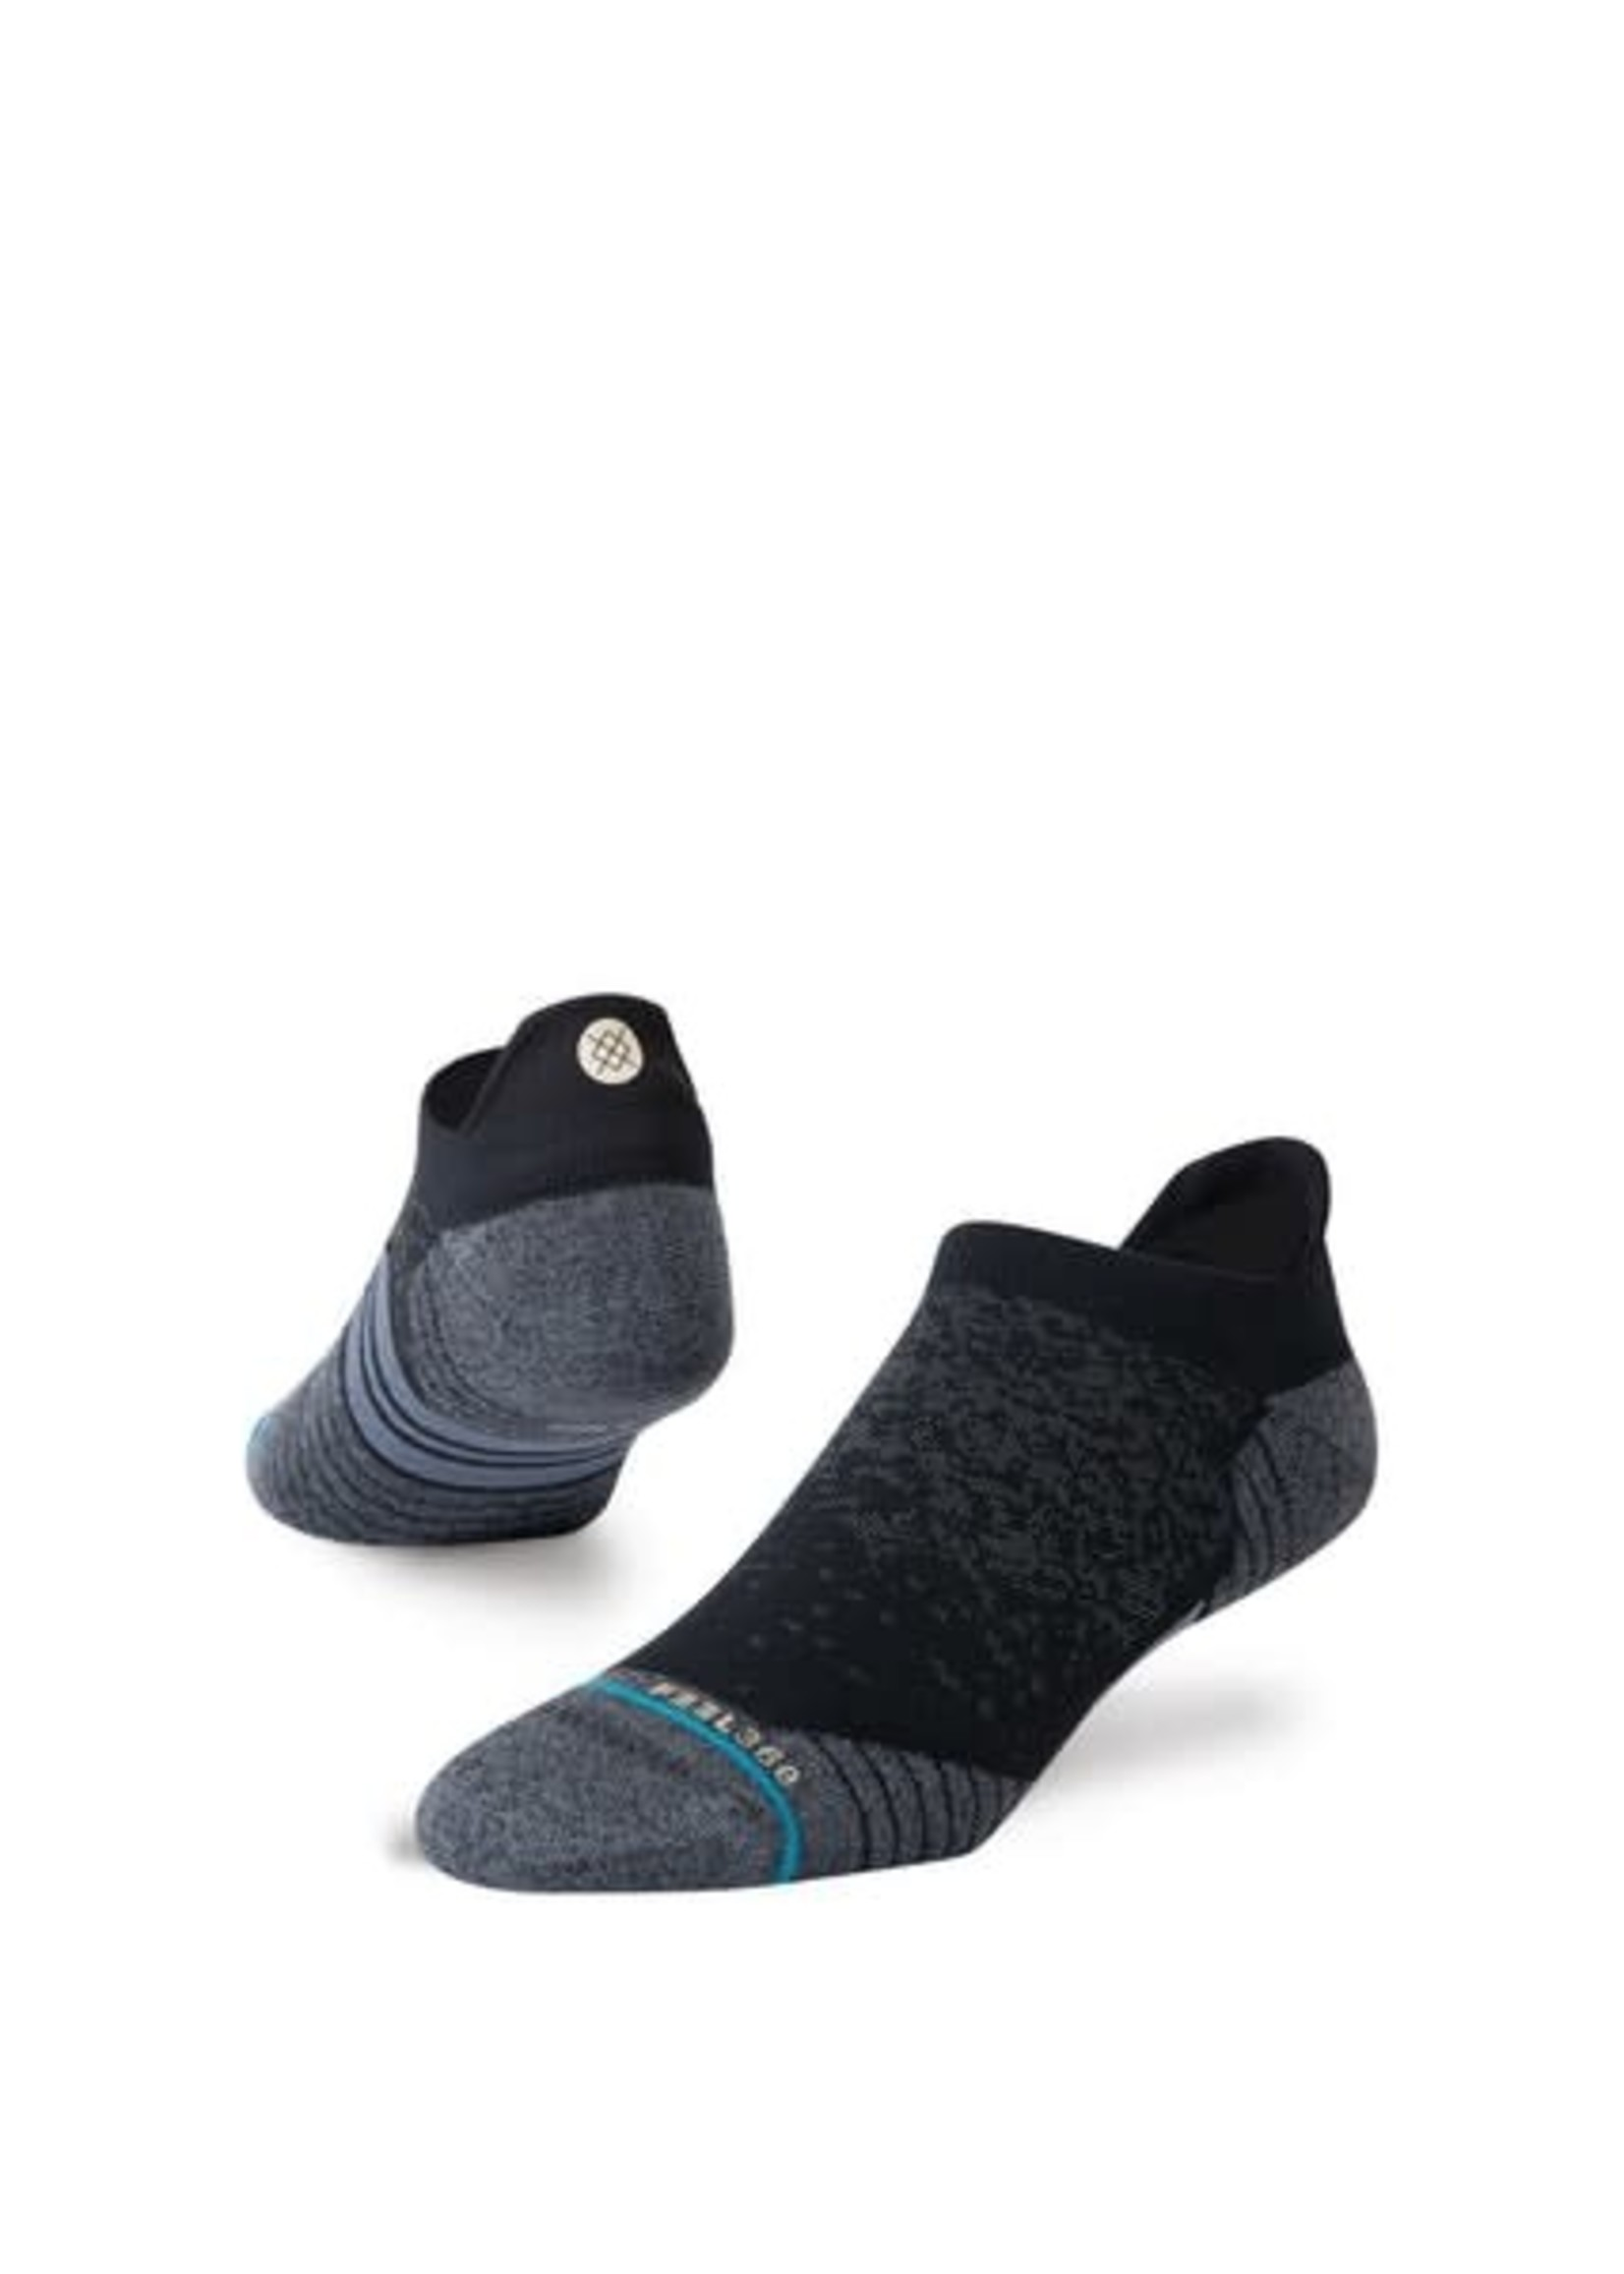 Stance Stance Run Tab ST Socks